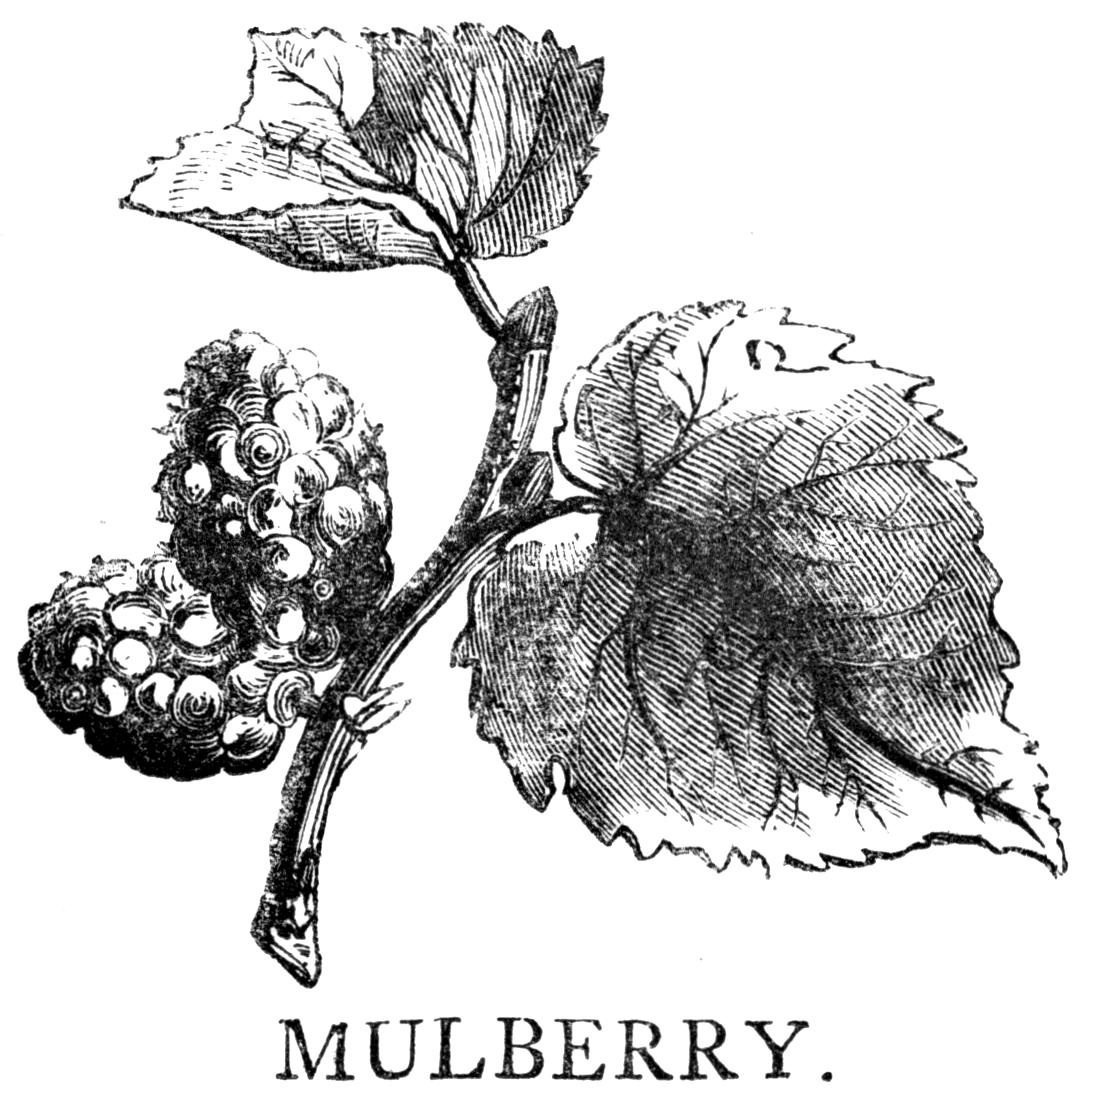 http://2.bp.blogspot.com/-aFehYQoJgf8/VLPiQC0FGaI/AAAAAAAAPbQ/hxUgNEuyrEw/s1600/mulberry.cv.jpg